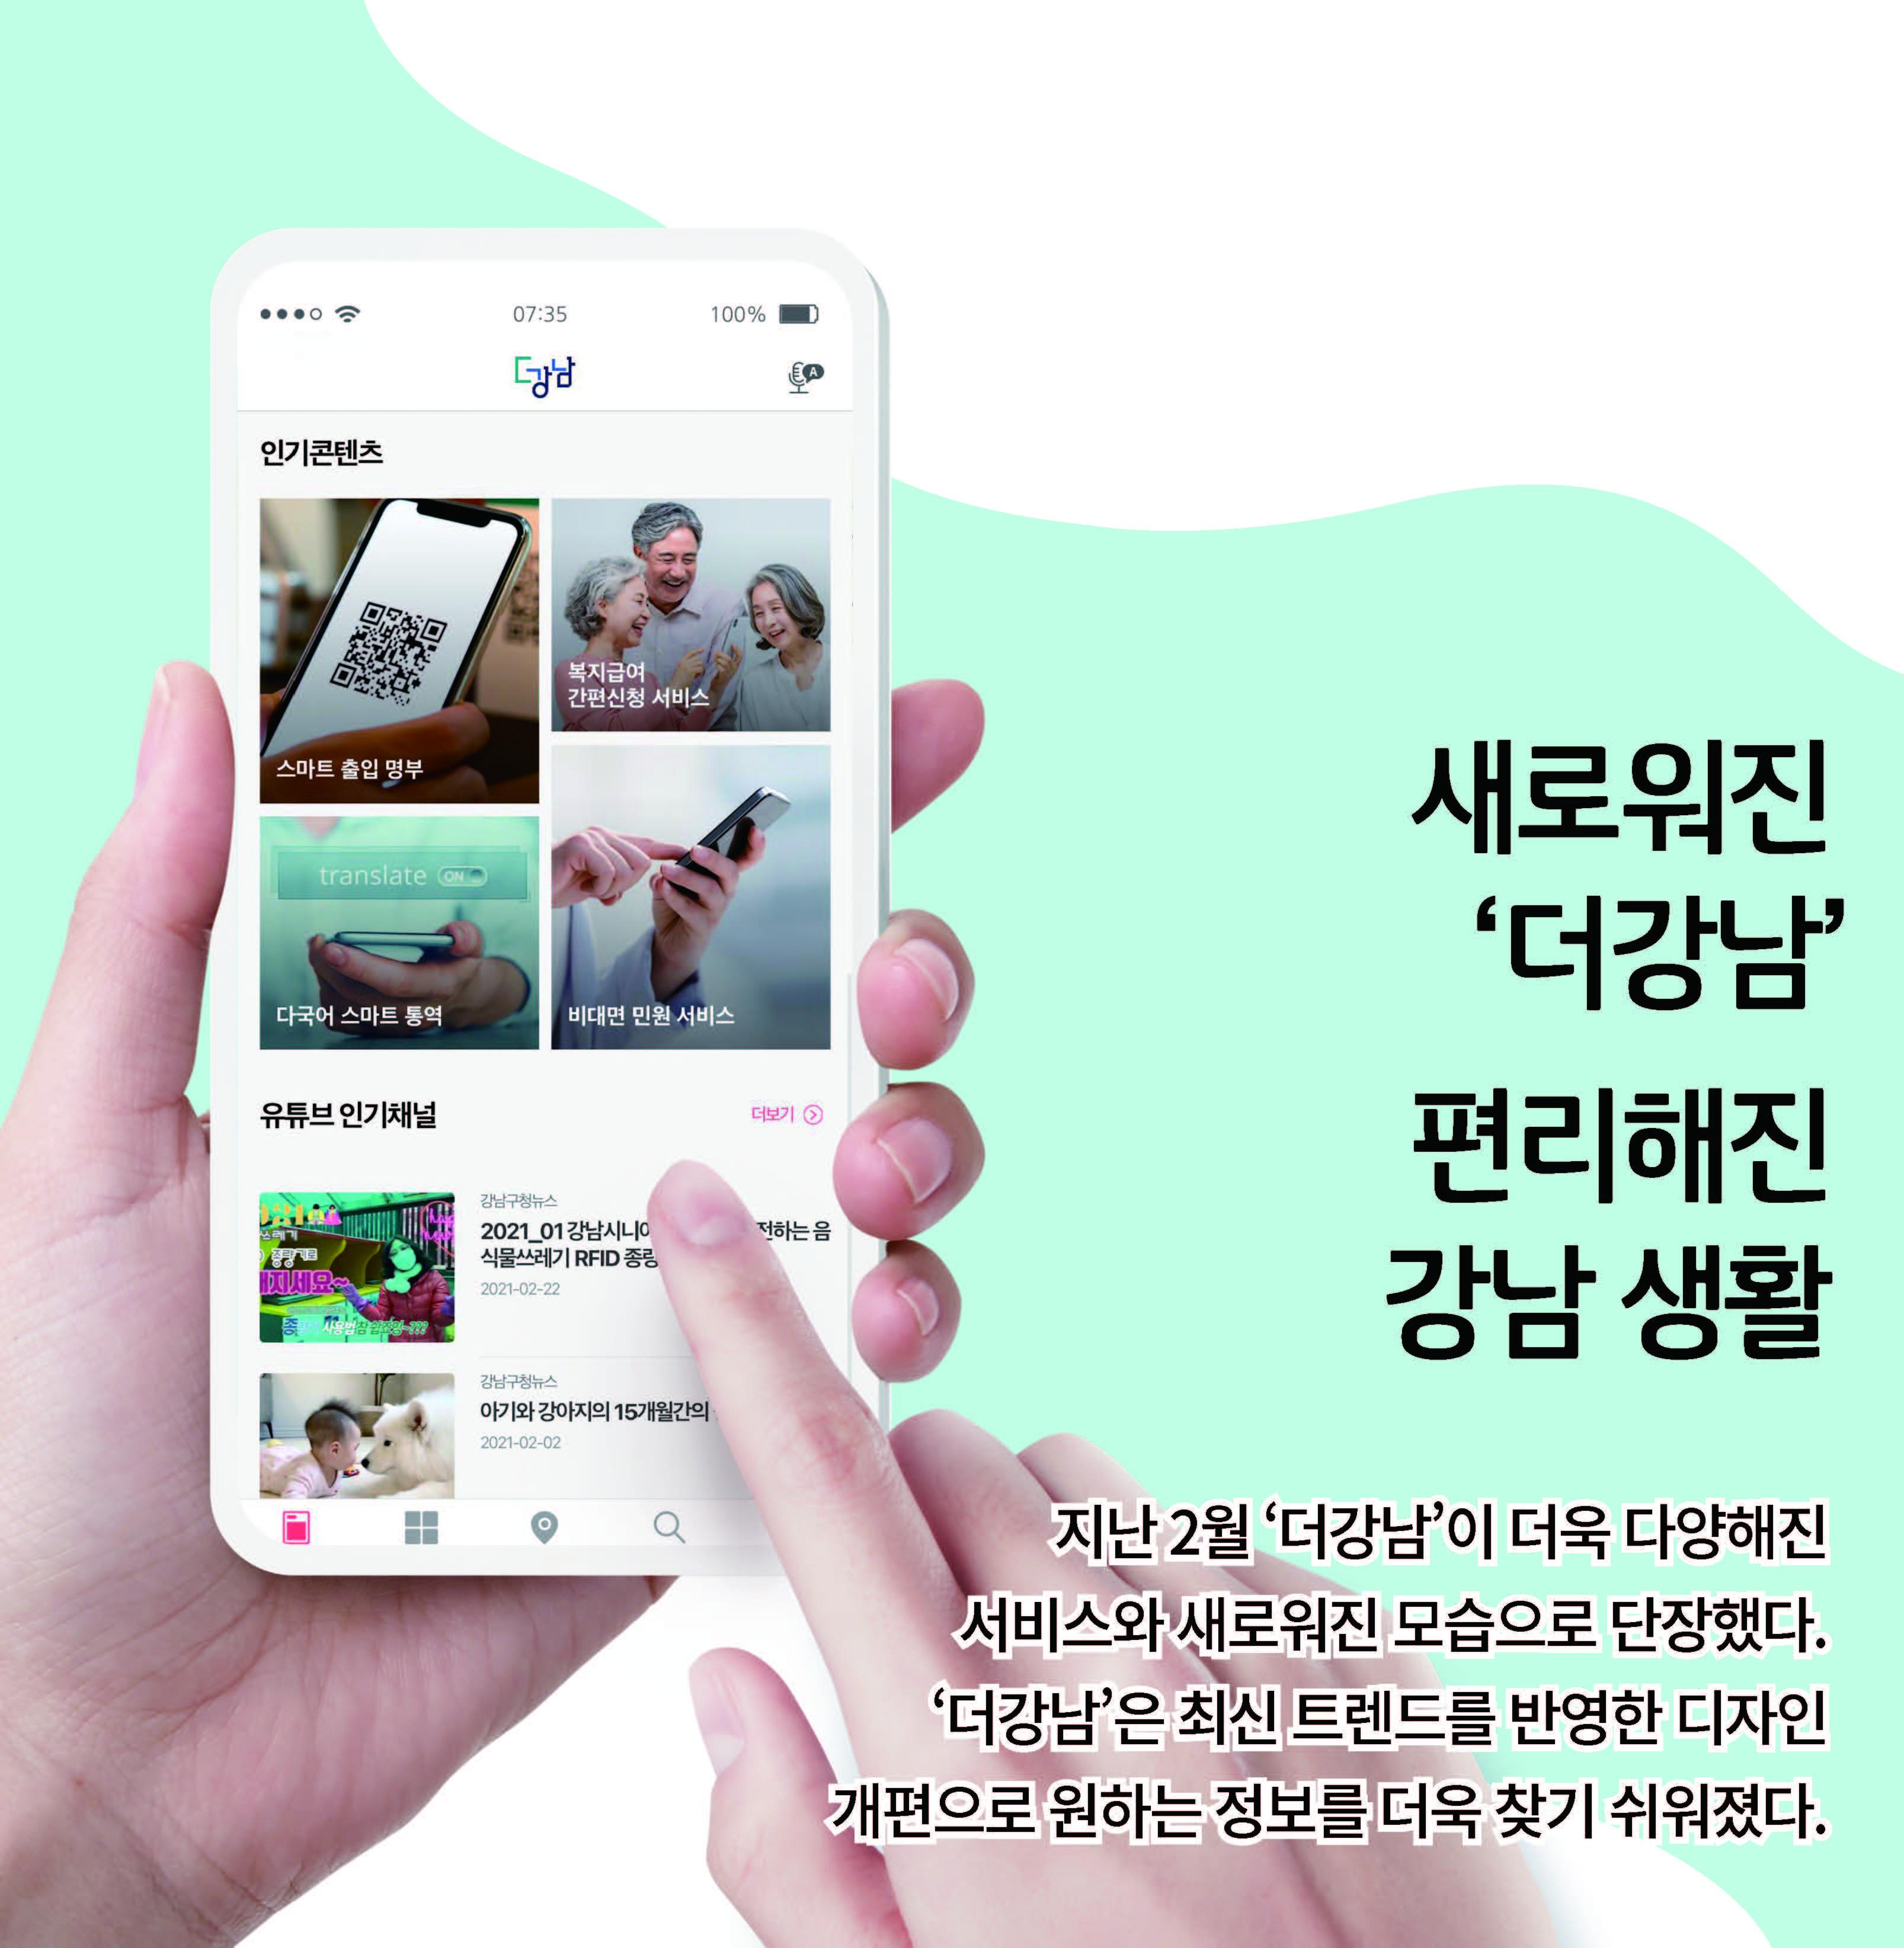 [카드뉴스] 새로워진 더강남